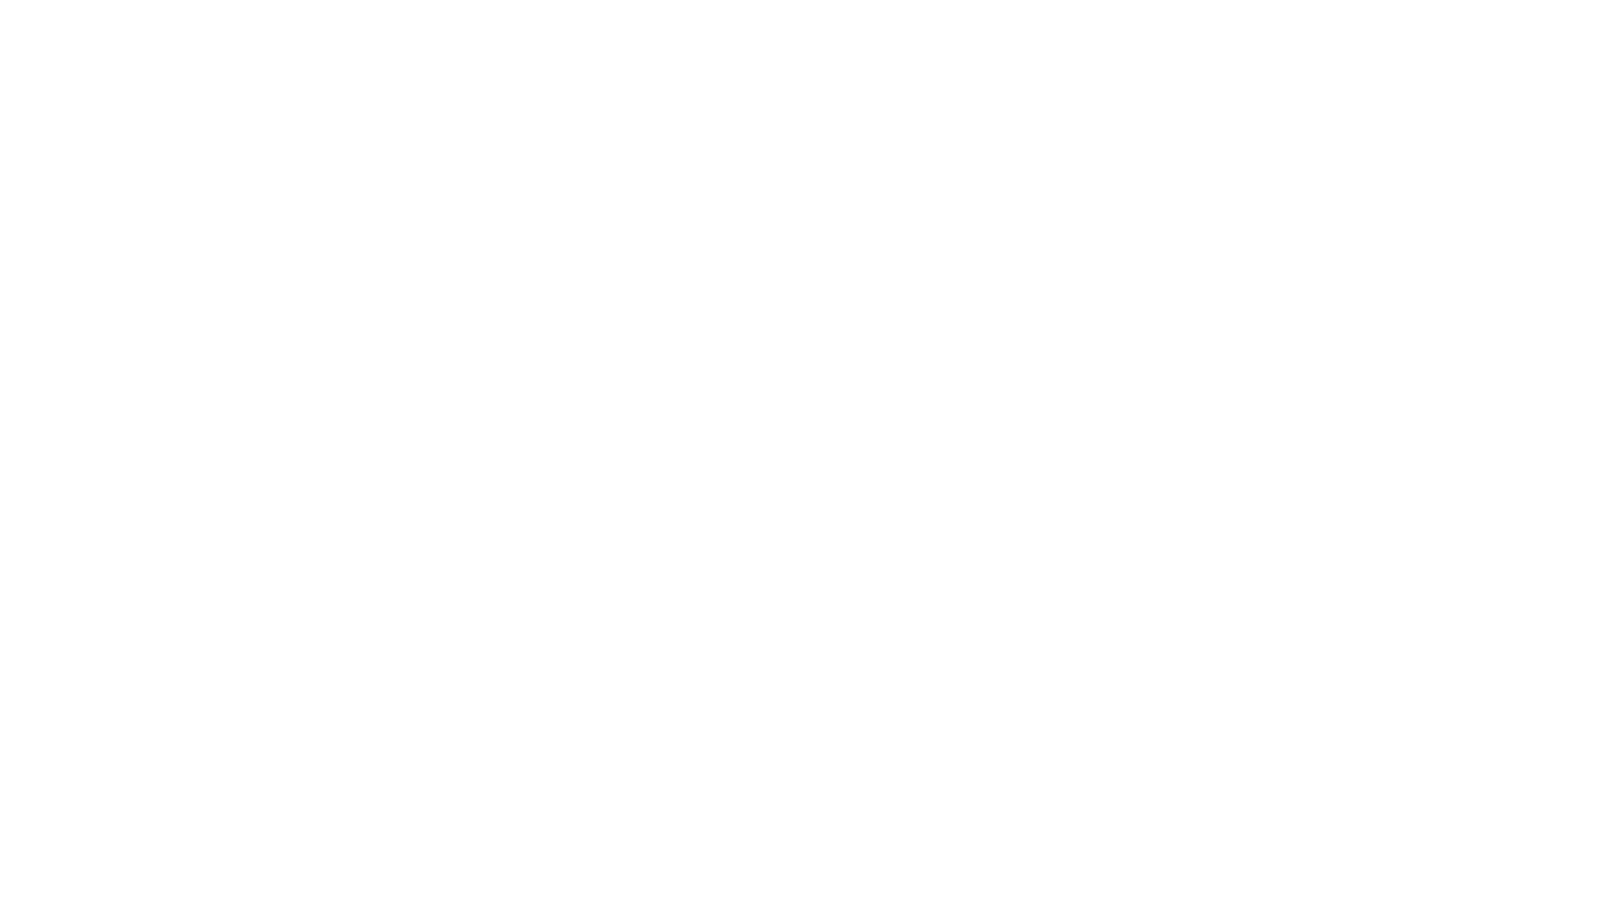 Fernanda Asseiceira, presidente da Câmara Municipal de Alcanena, presidiu pela última vez à sessão solene por cumprir o seu último mandato a comandar os destinos da autarquia. A autarca fez um balanço da sua presidência à frente do Município e revelou alguns dos momentos mais difíceis que atravessou, com especial destaque para a pandemia Covid-19.